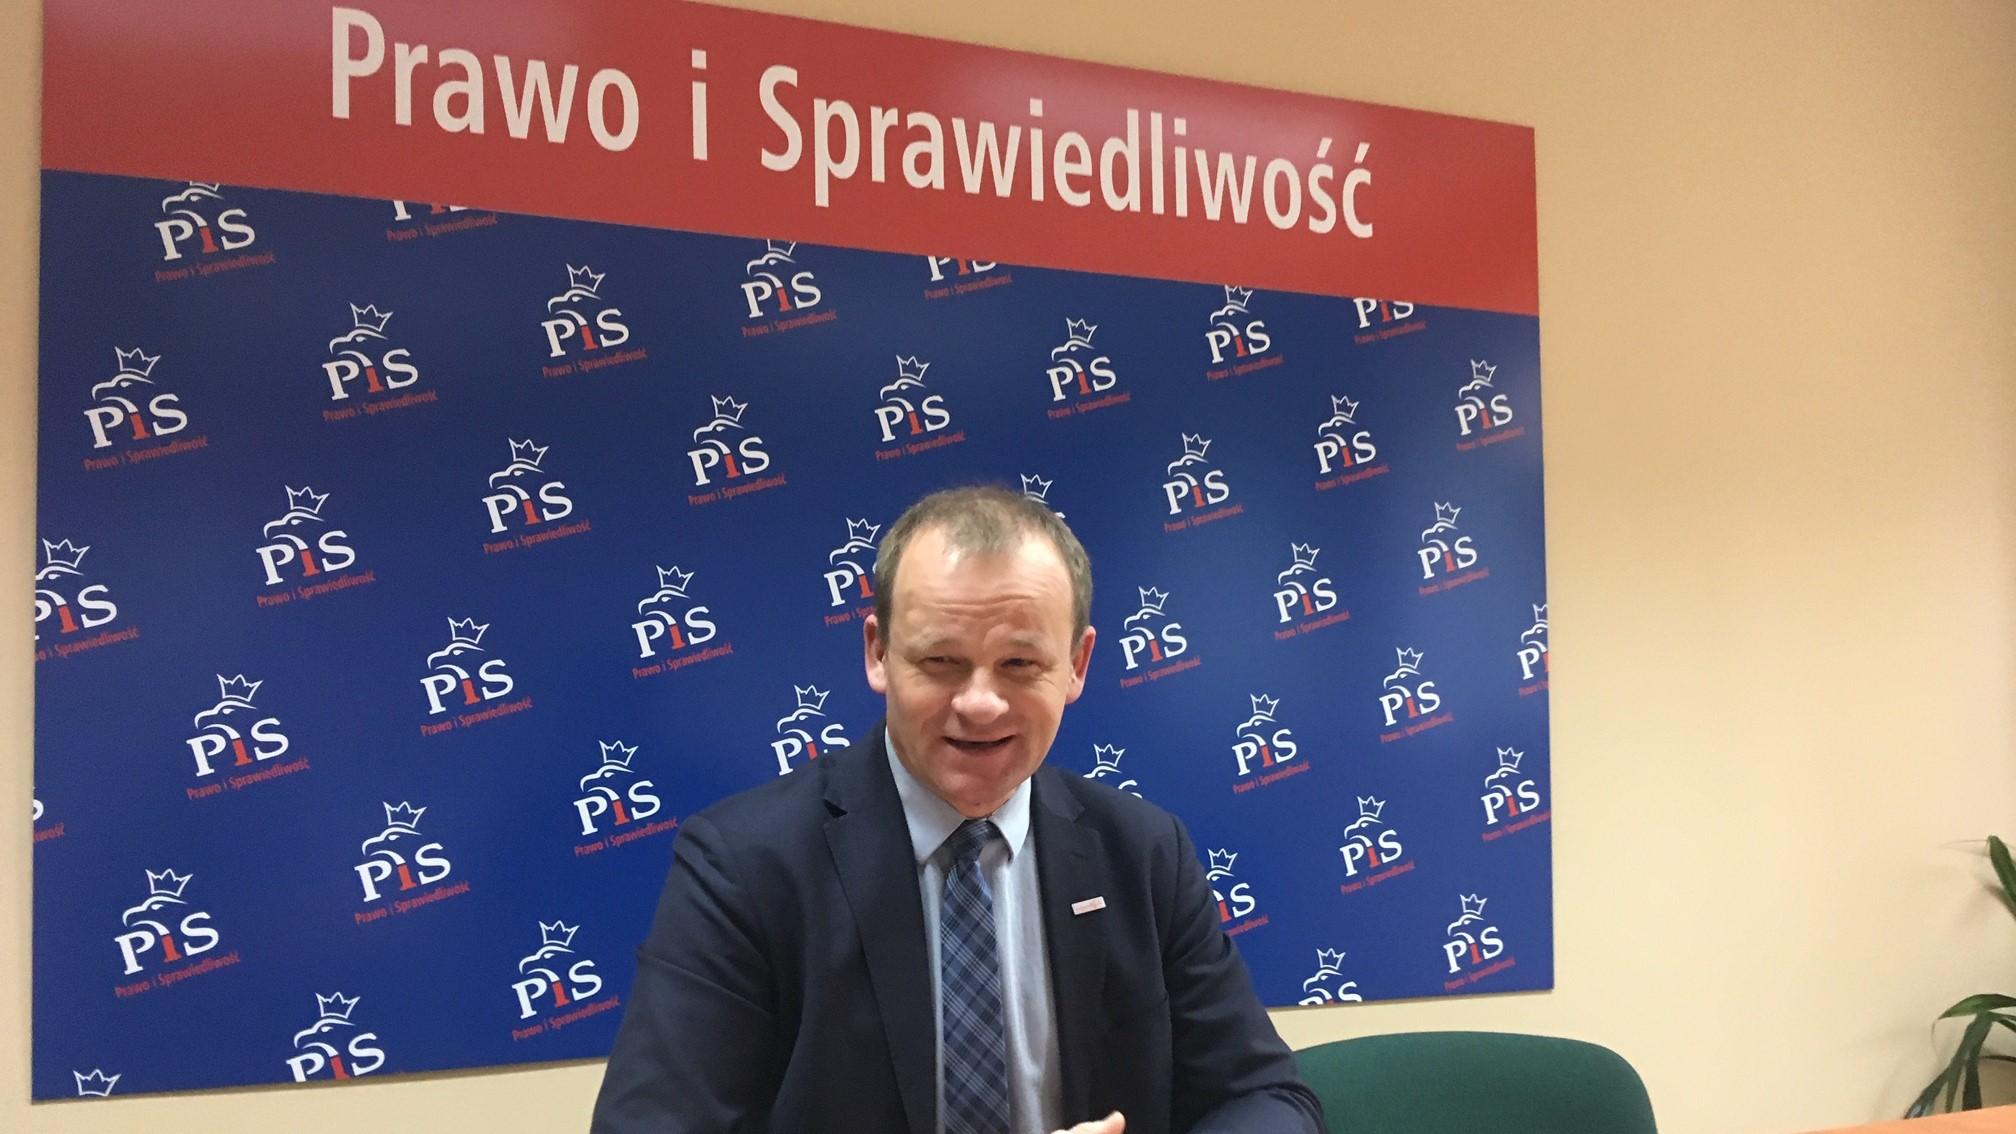 pis zbigniew dolata gniezno - Rafał Muniak